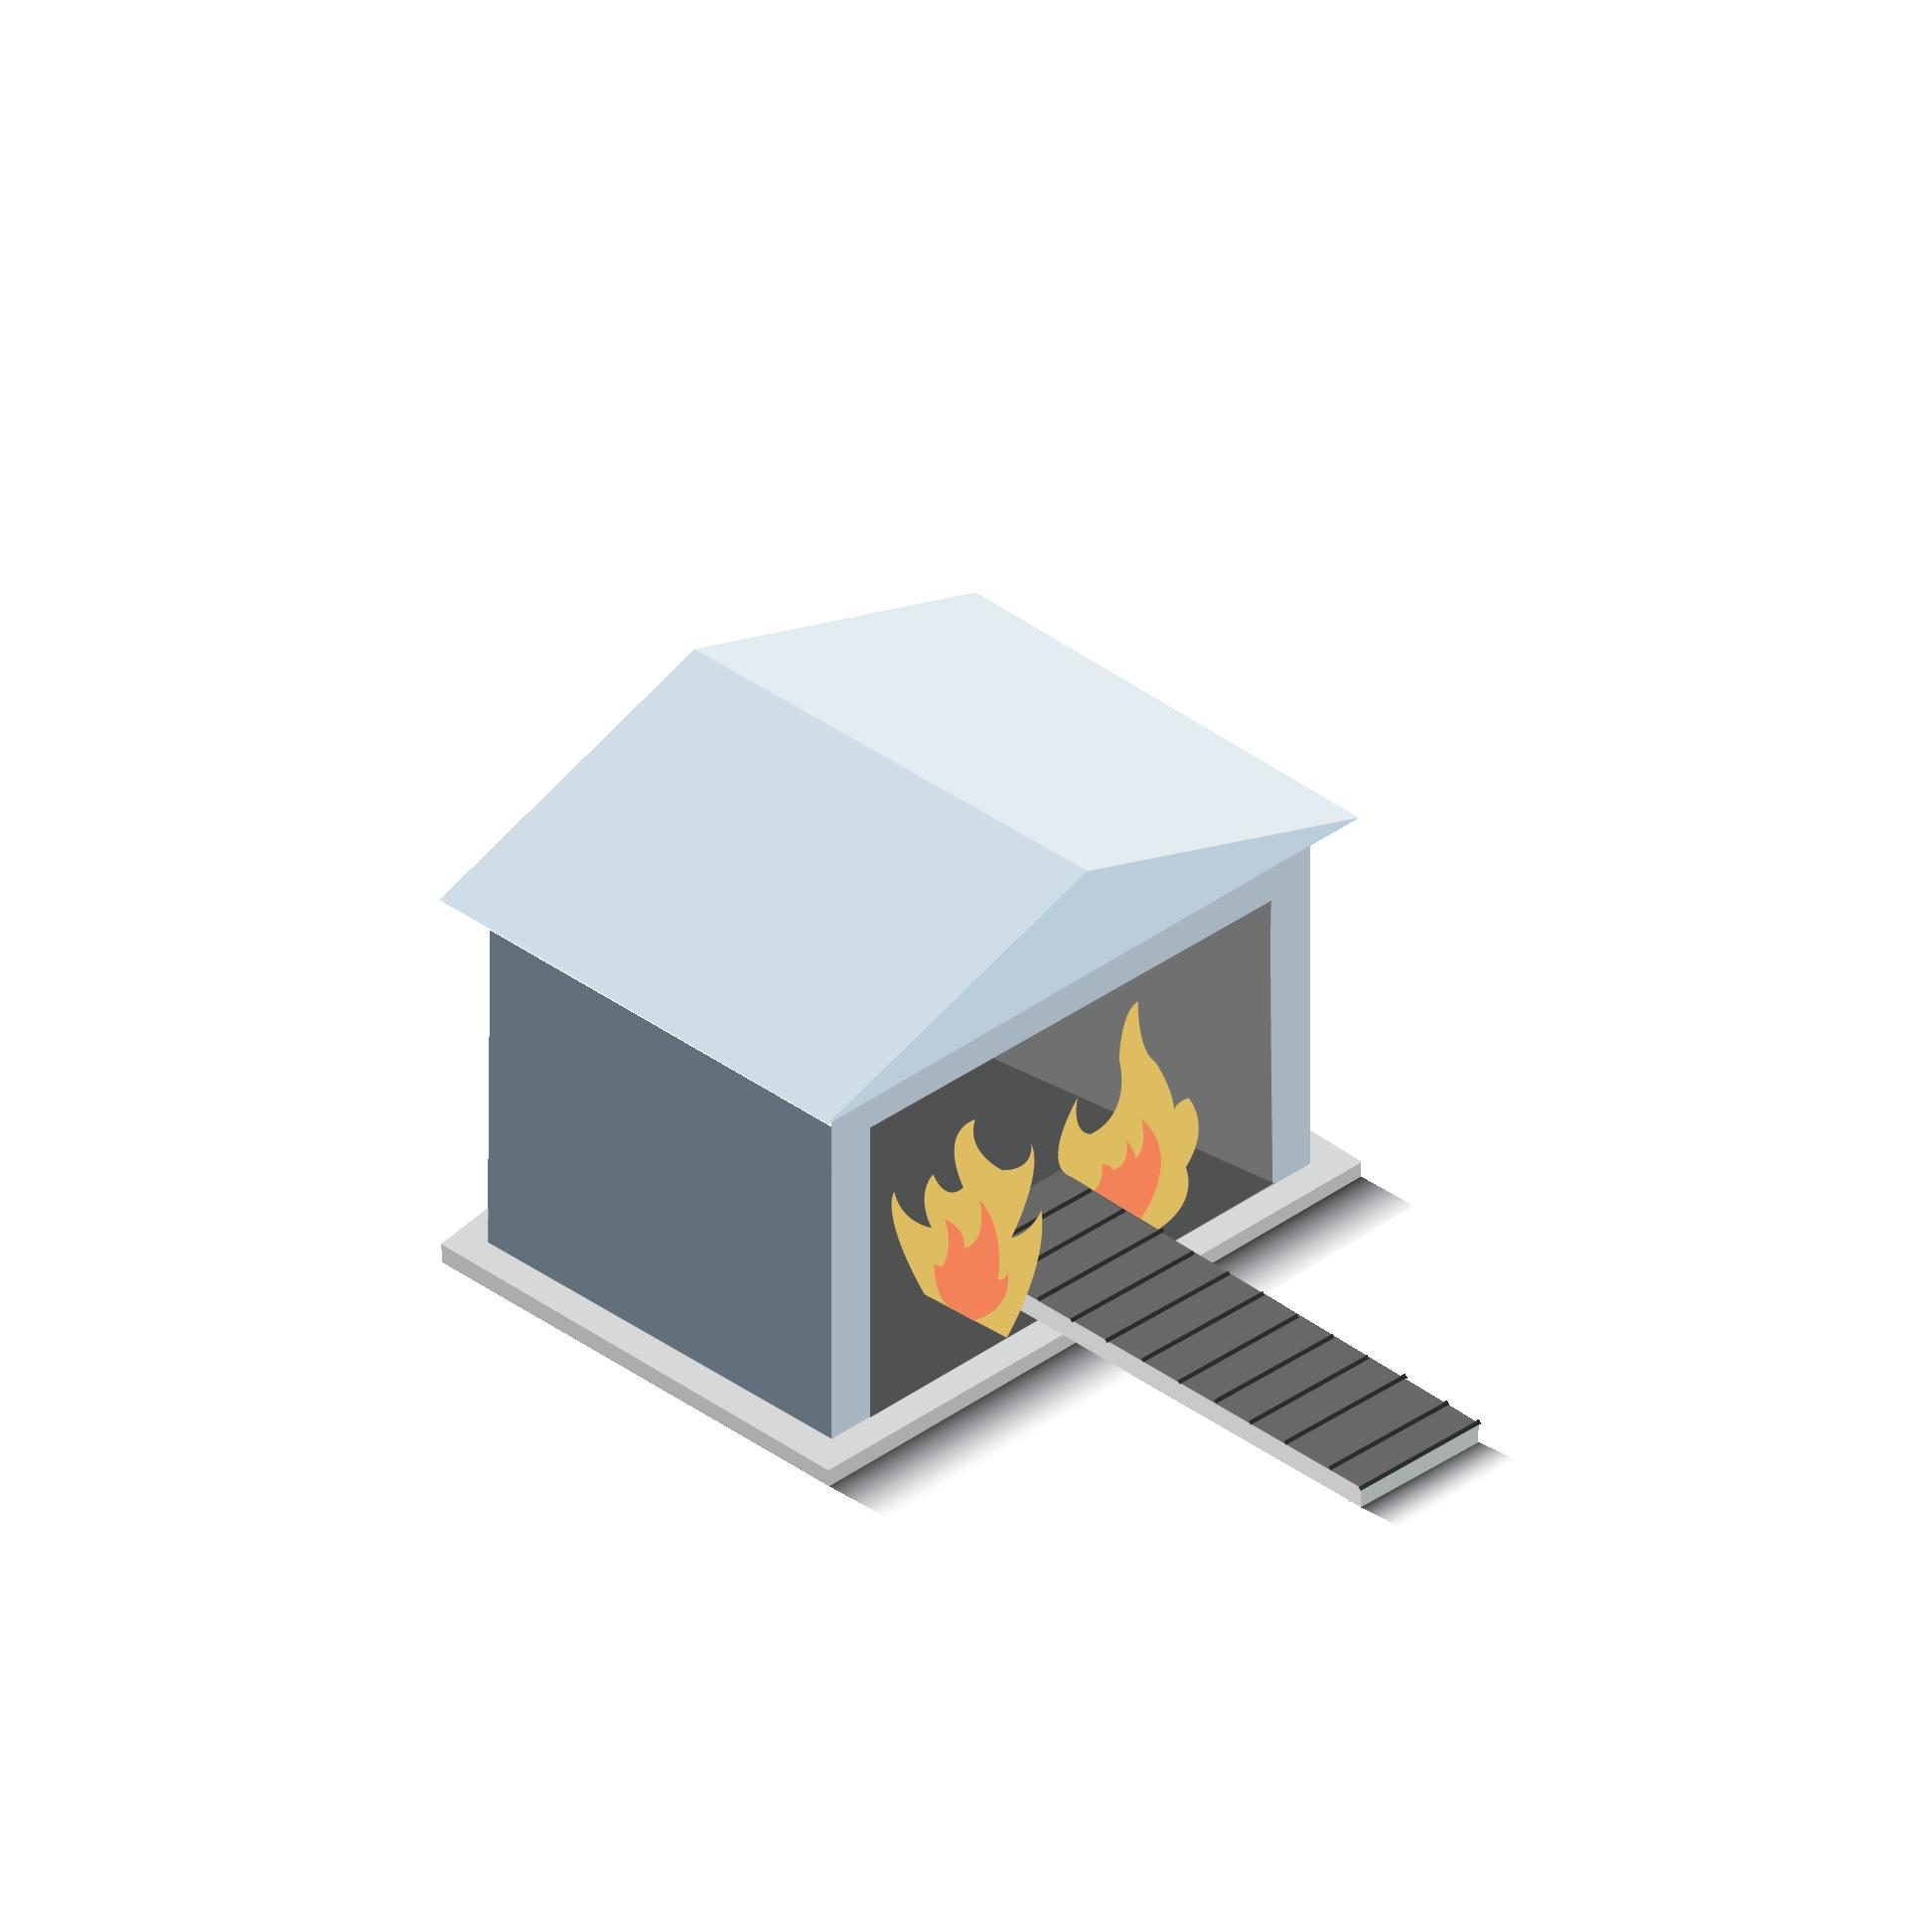 Incinerado de residuos peligrosos